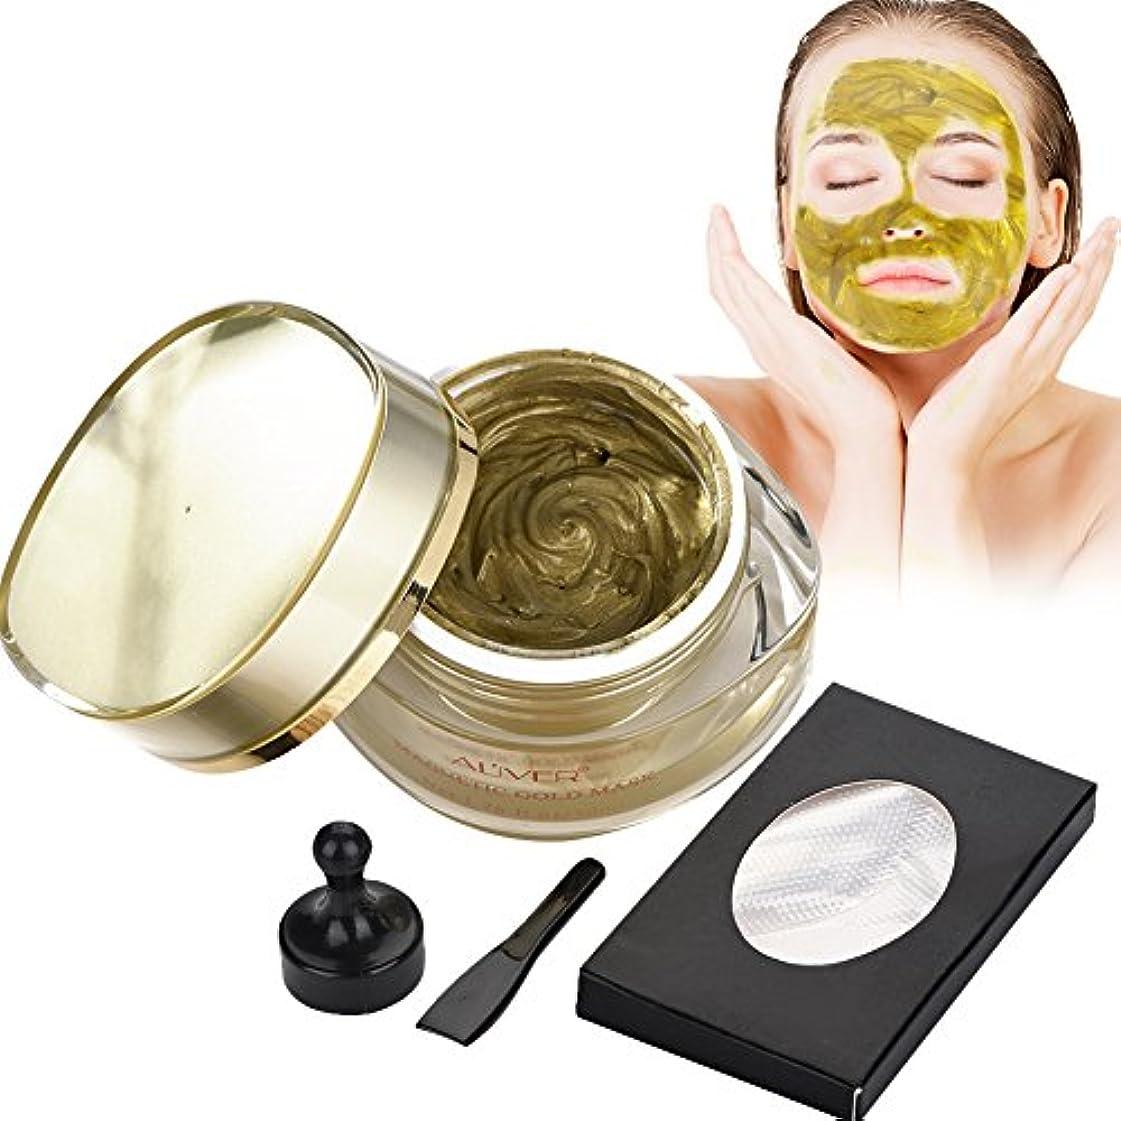 ウナギソケット陰気磁気ゴールドマスク、フェイシャルスキンケア 自然成分 ミネラルリッチ ディープクレンジングポア 人気があり